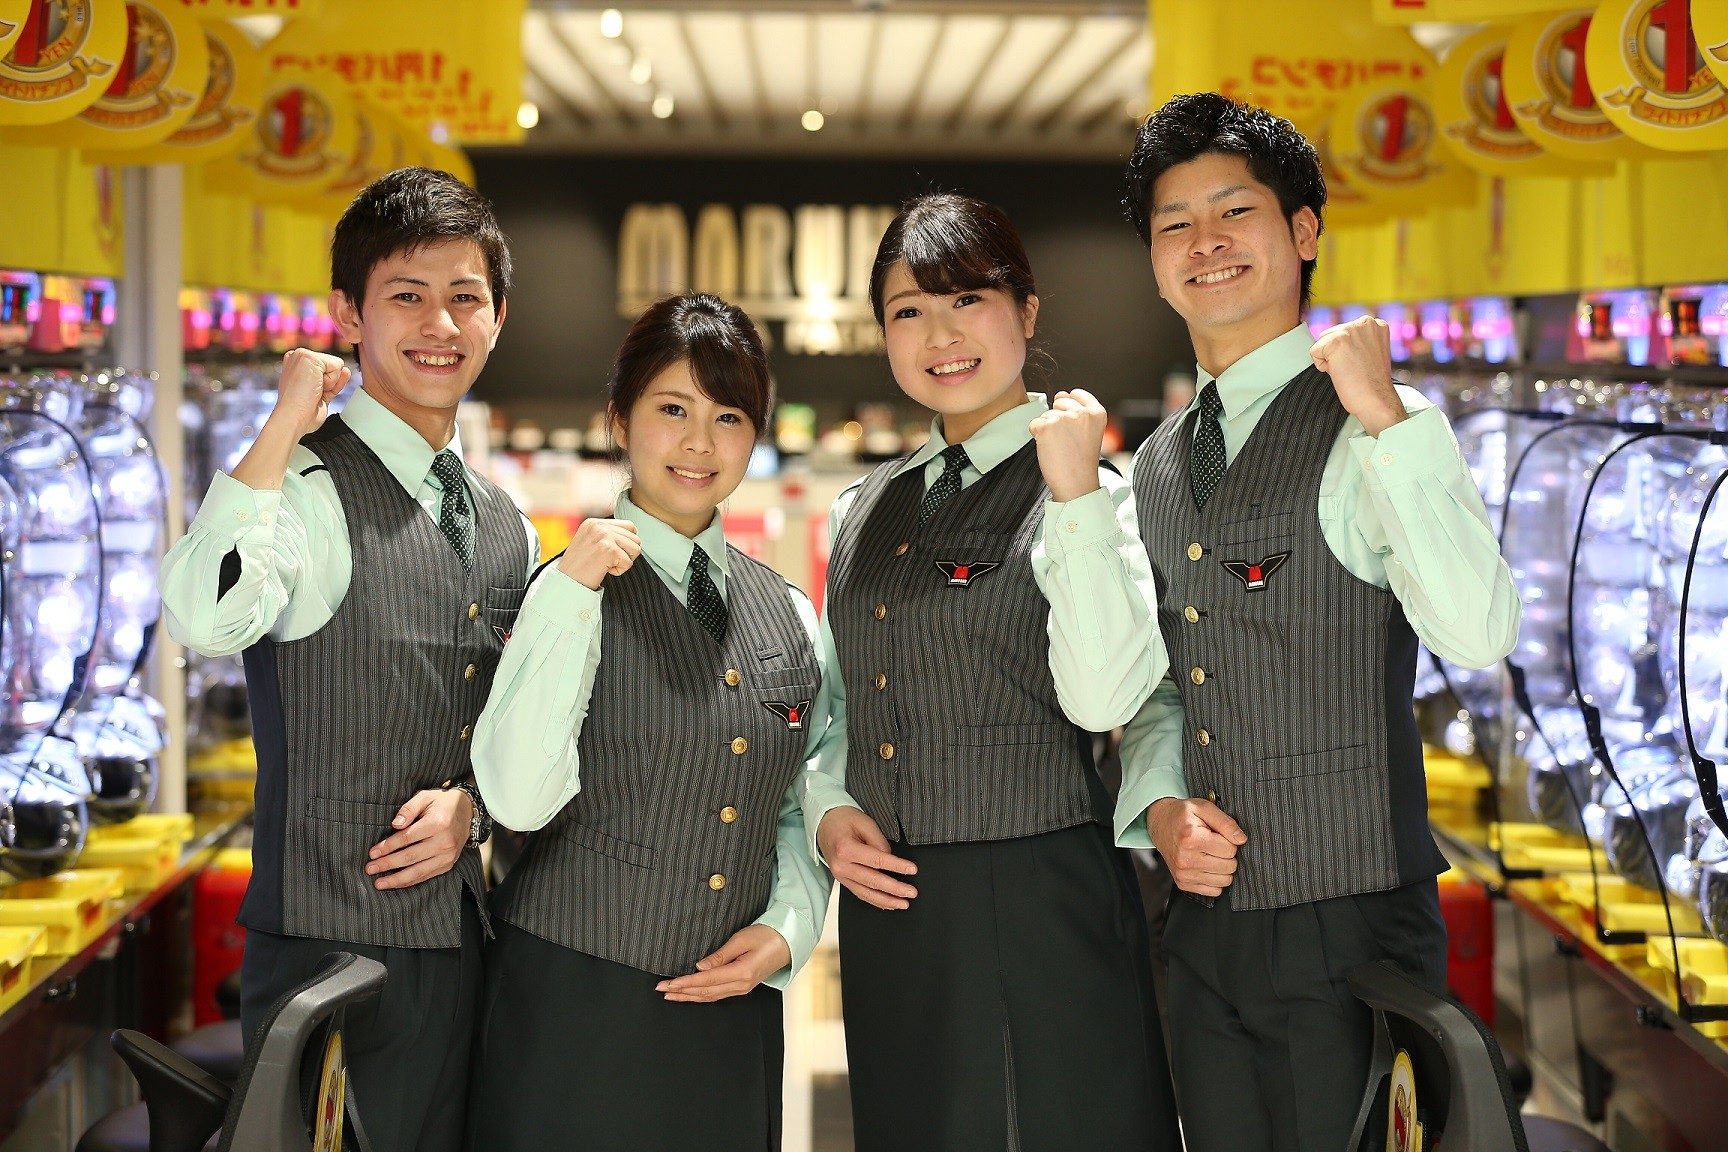 マルハン 新世界店[2830]のアルバイト情報